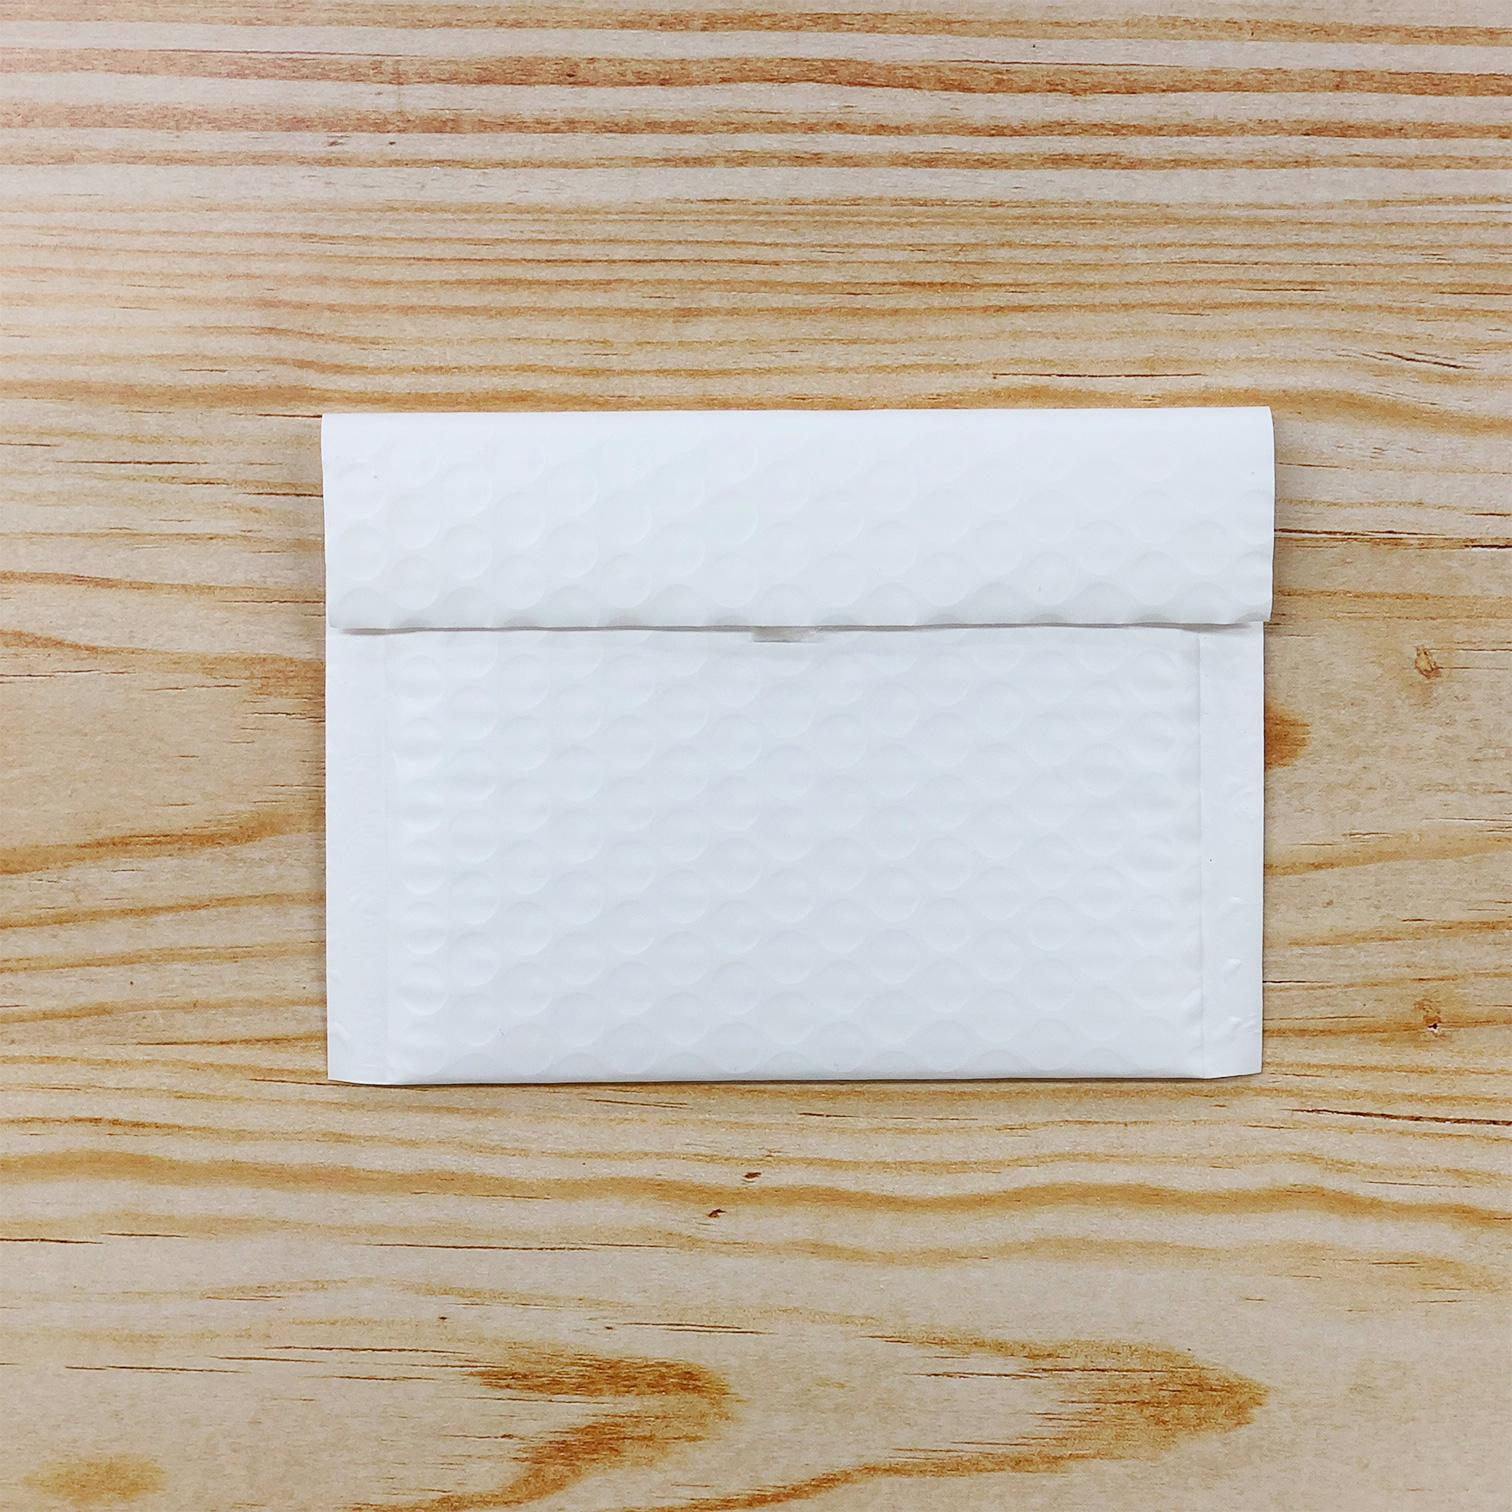 【10枚】クッション封筒 スリム薄型 耐水タイプ ホワイト miniサイズ(外寸150×100+40mm)